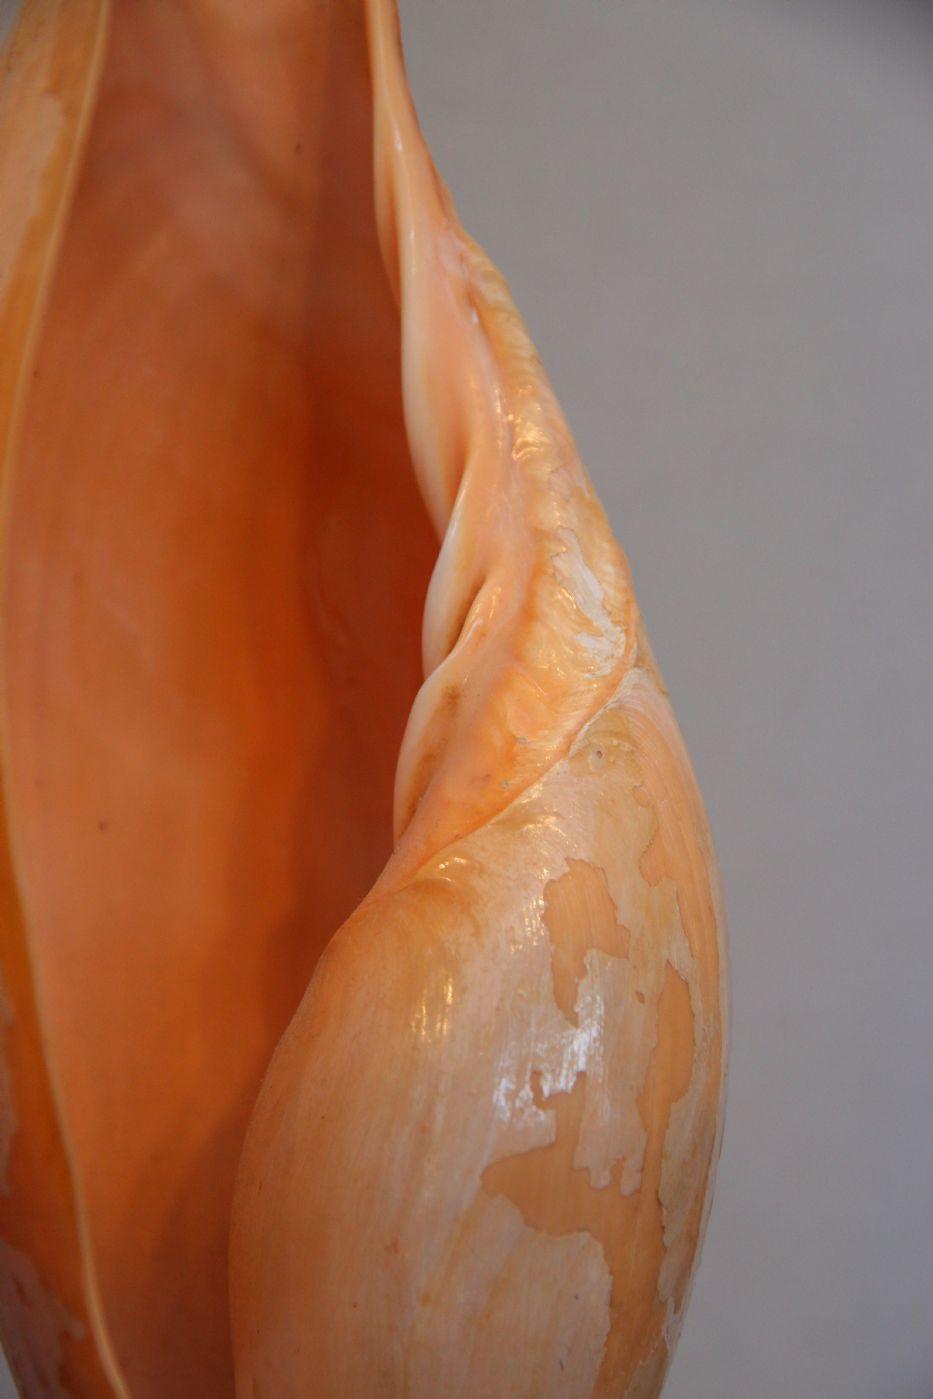 thumb9|Quattro conchiglie su base di legno, Golfo di Guinea